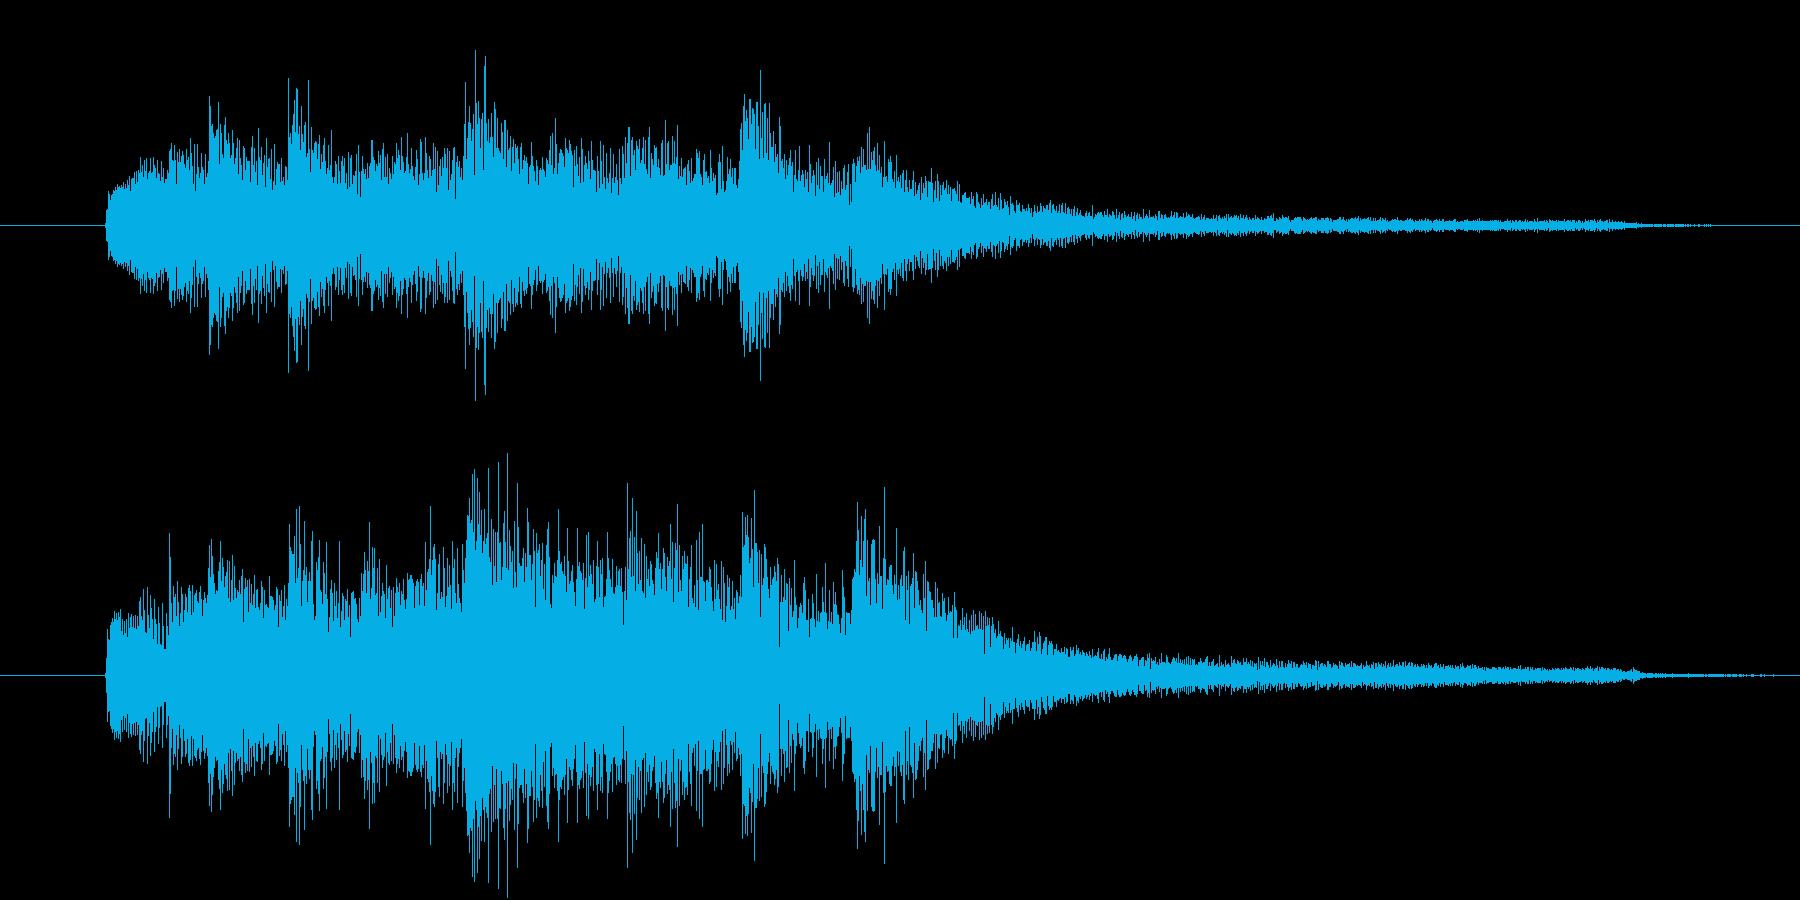 【生楽器】7拍子でクールでお洒落で……の再生済みの波形